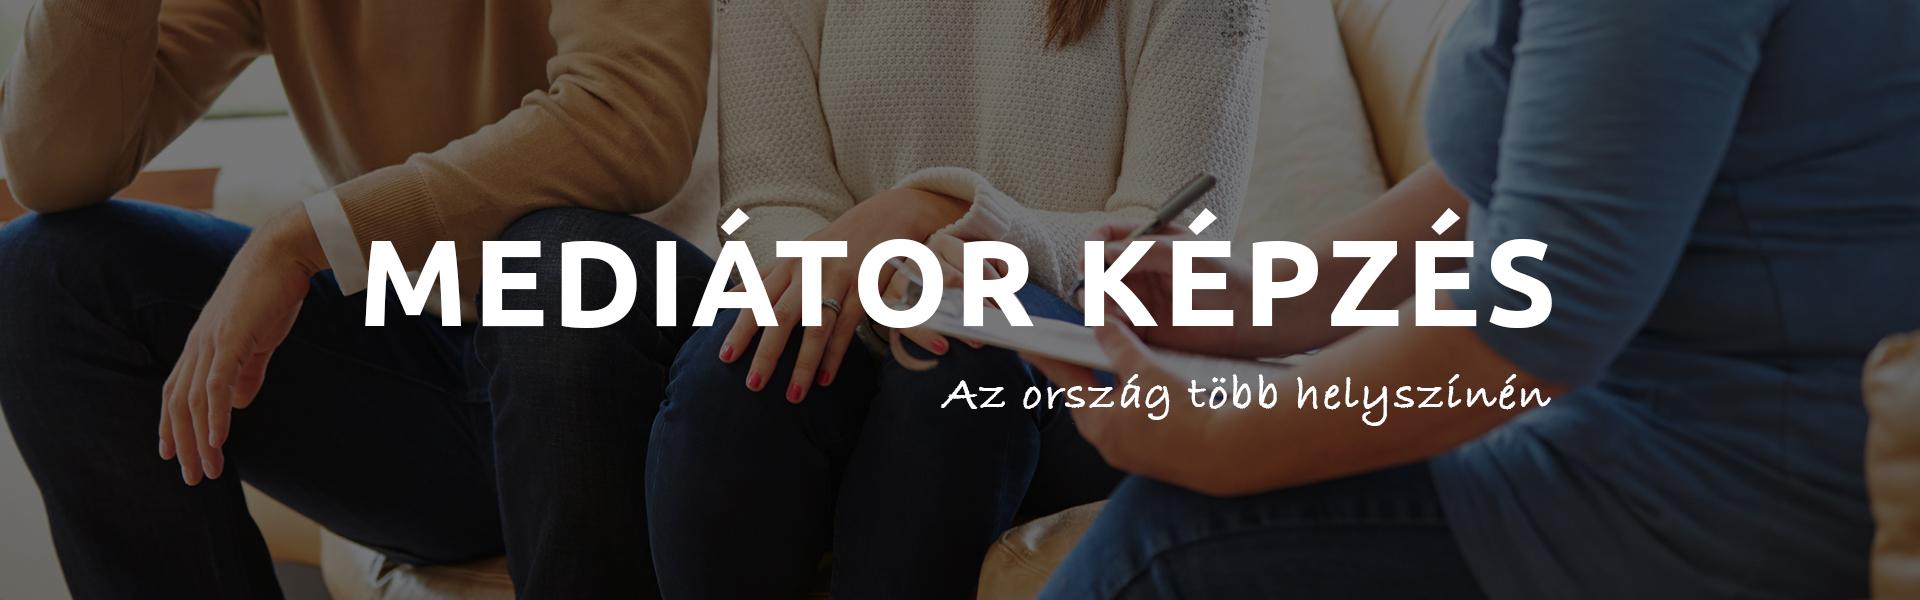 Mediátor képzés